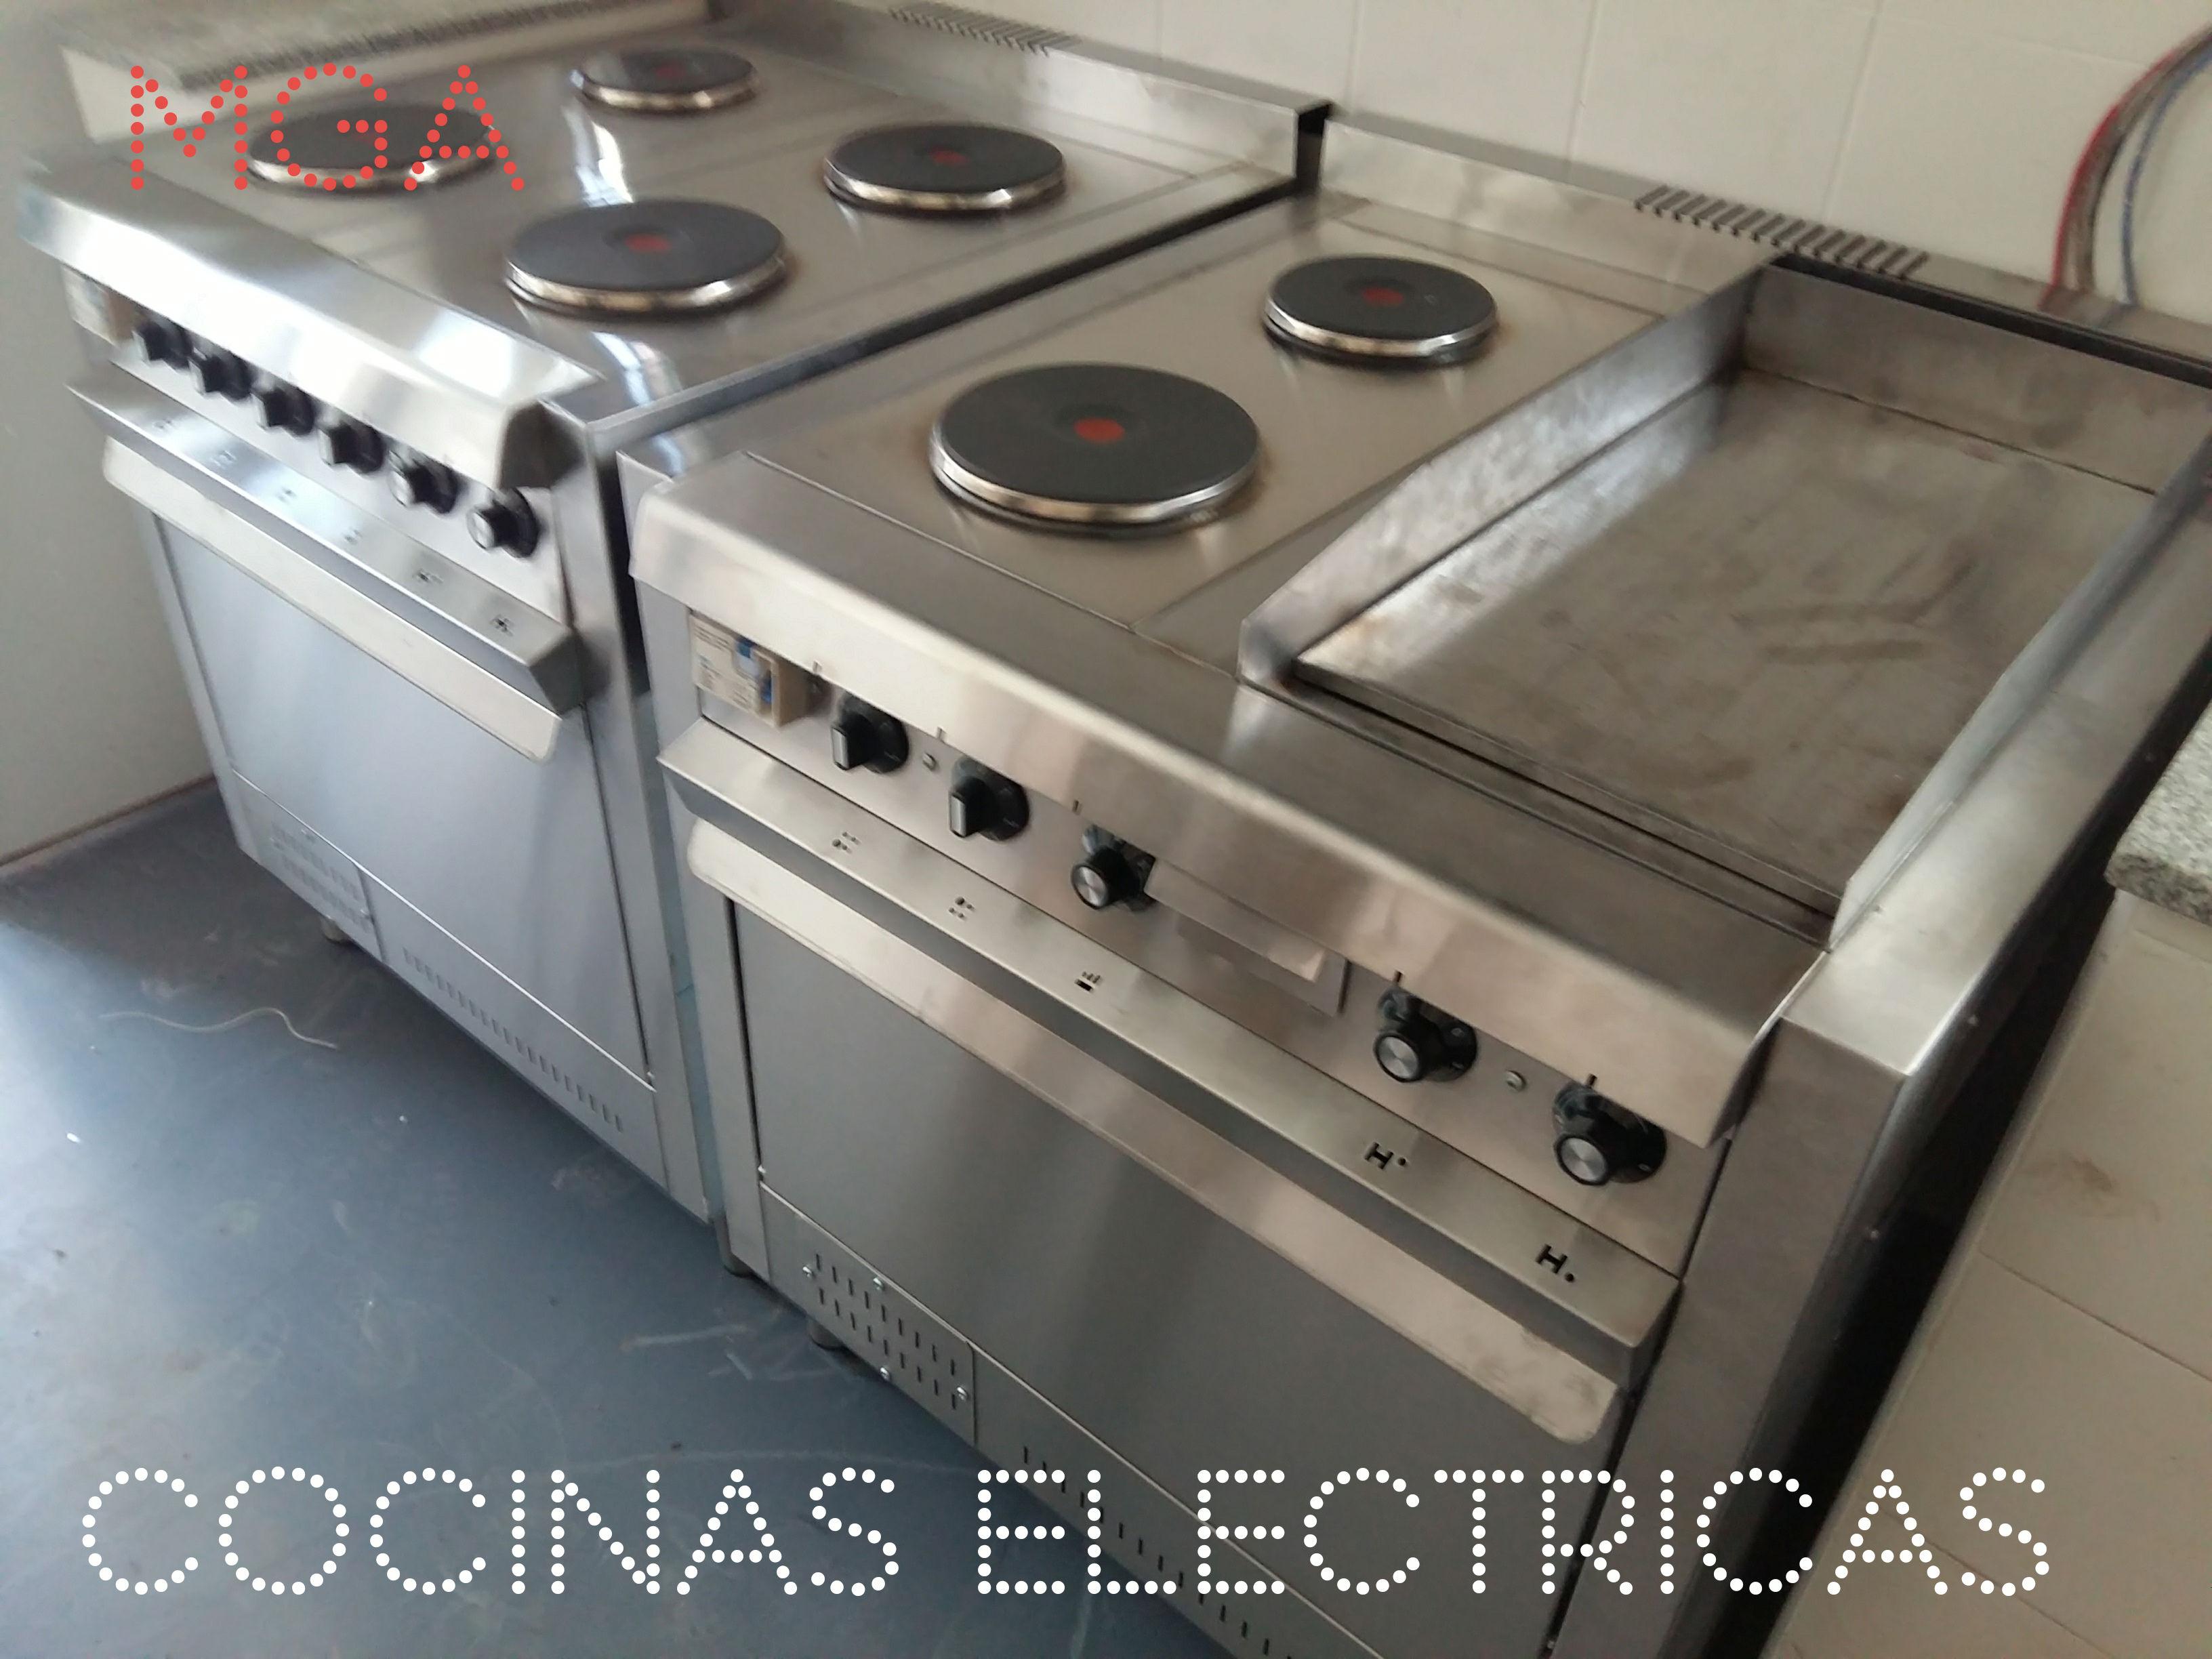 Cocinas eléctricas con horno industriales fábrica modernas Zona oeste - norte - sur Envíos a todo el país